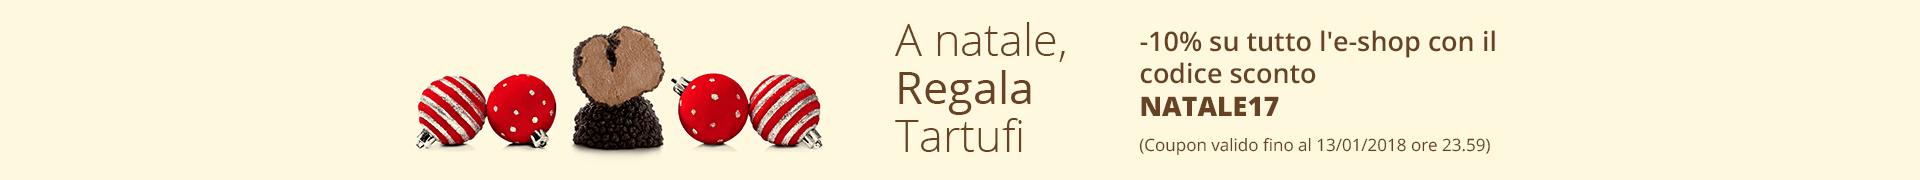 offerta tartufi